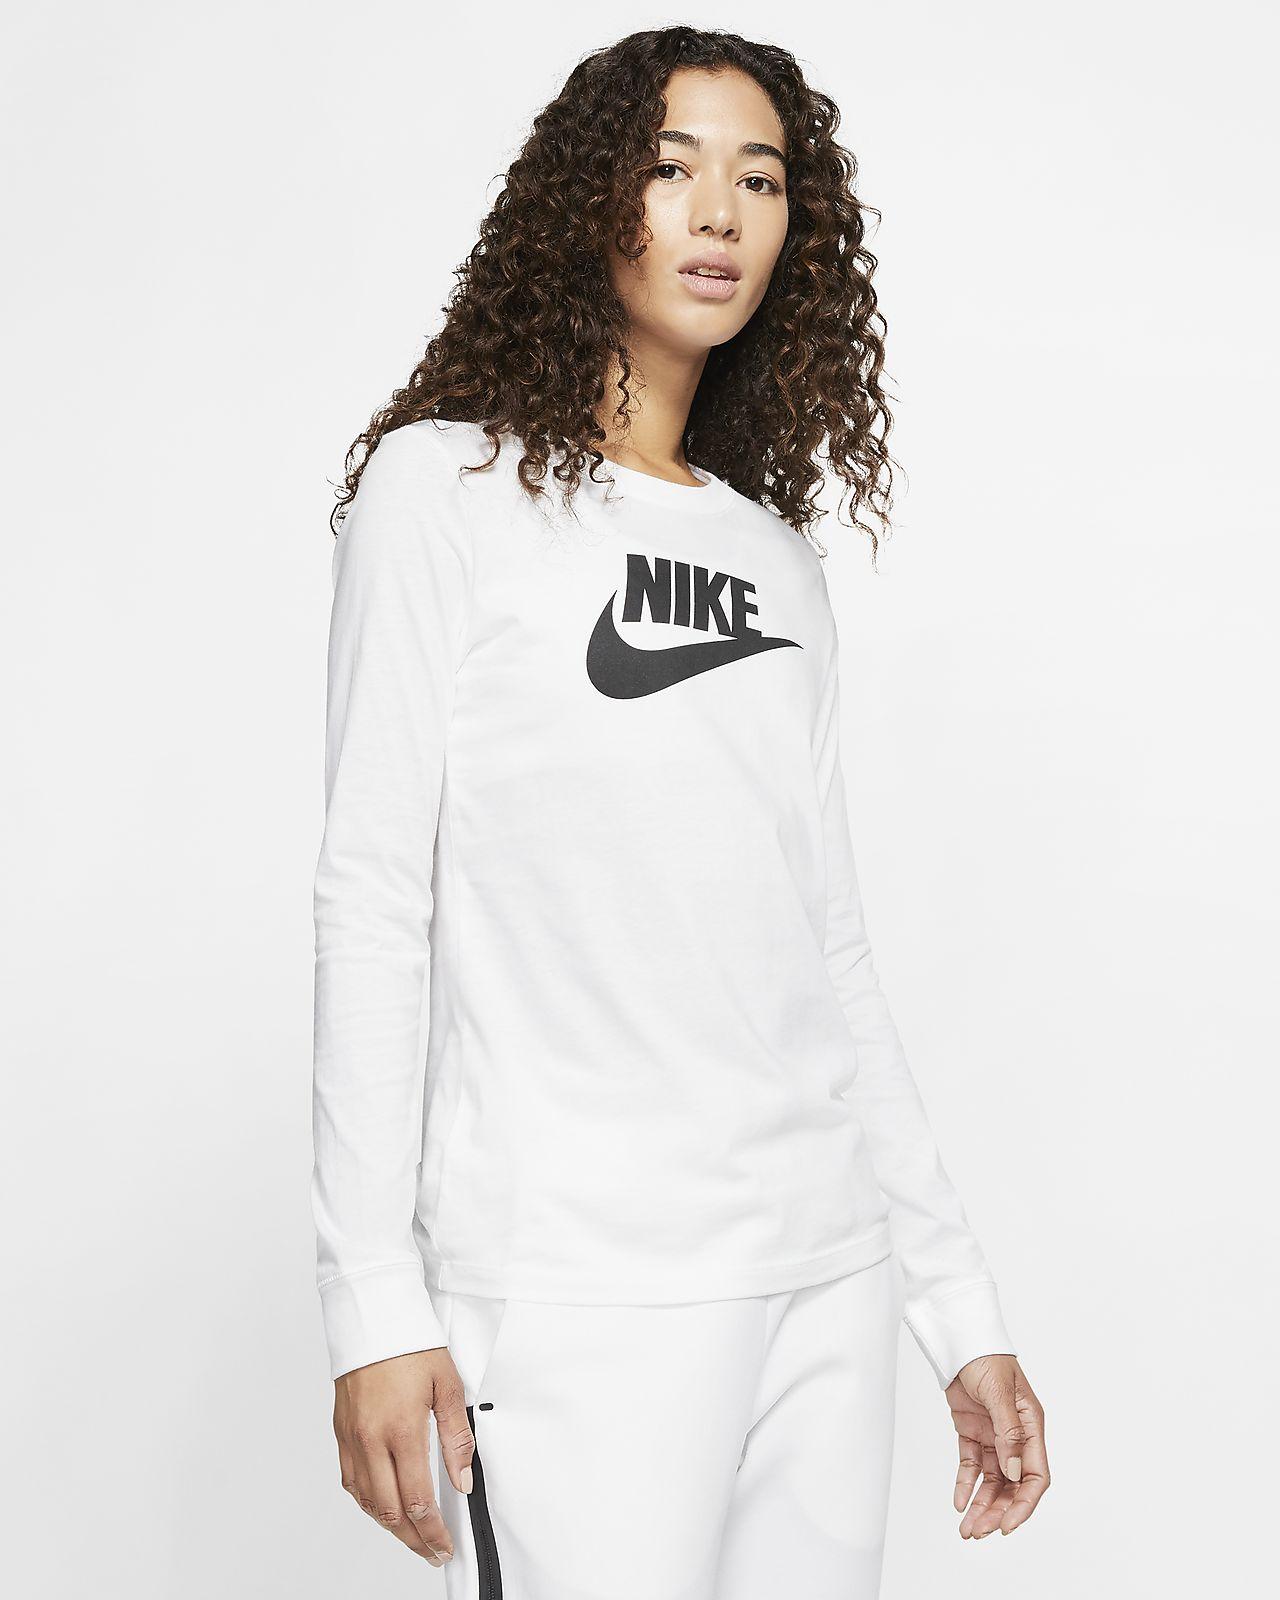 nike air max shirt womens